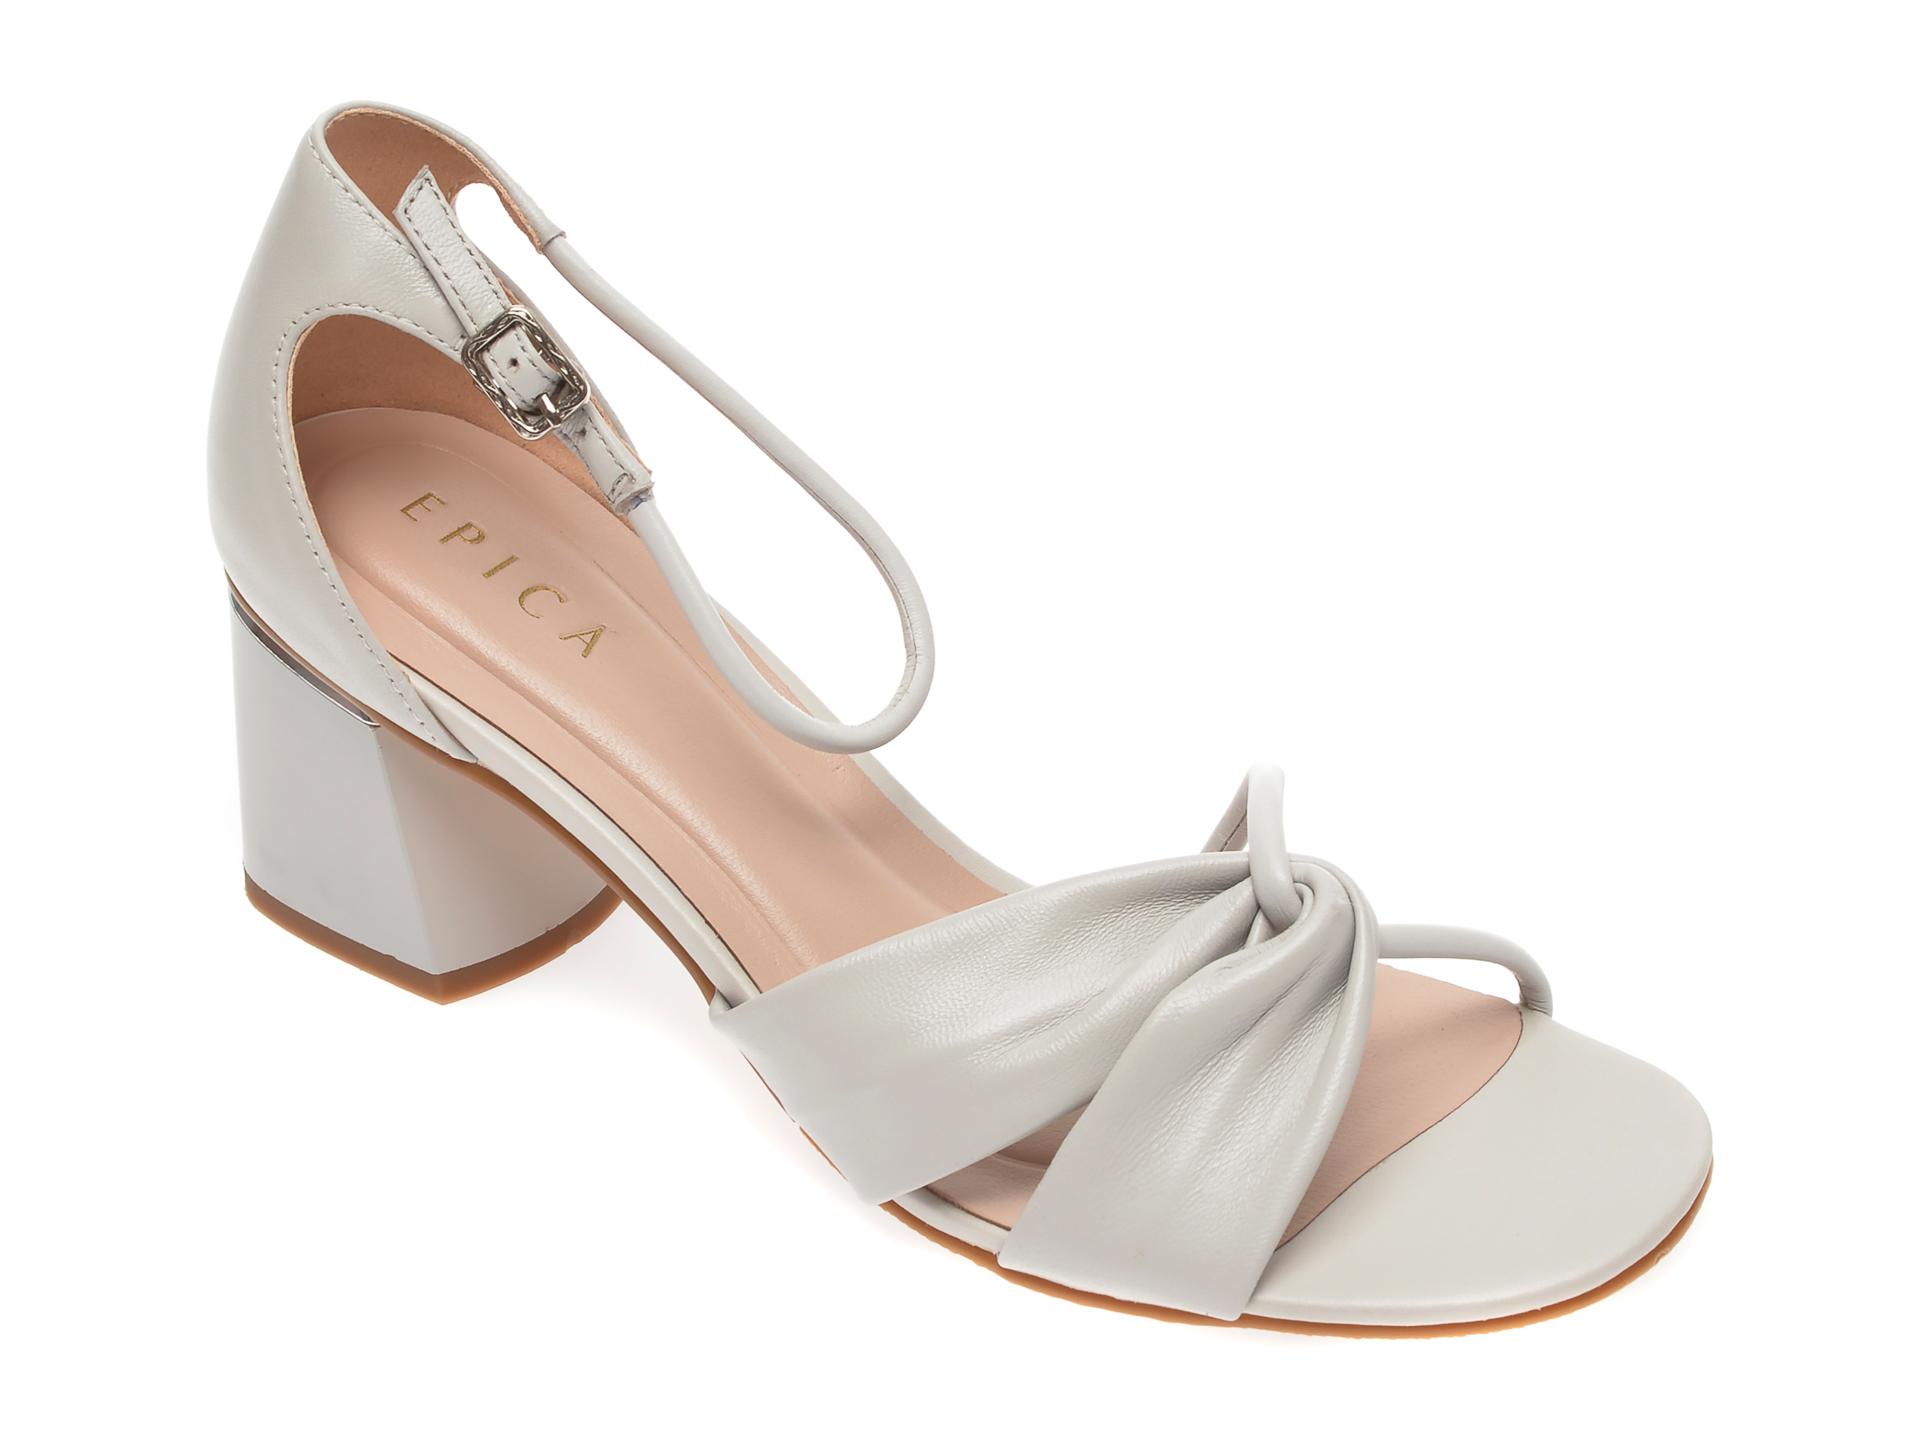 Sandale EPICA gri, CL026Y3, din piele naturala